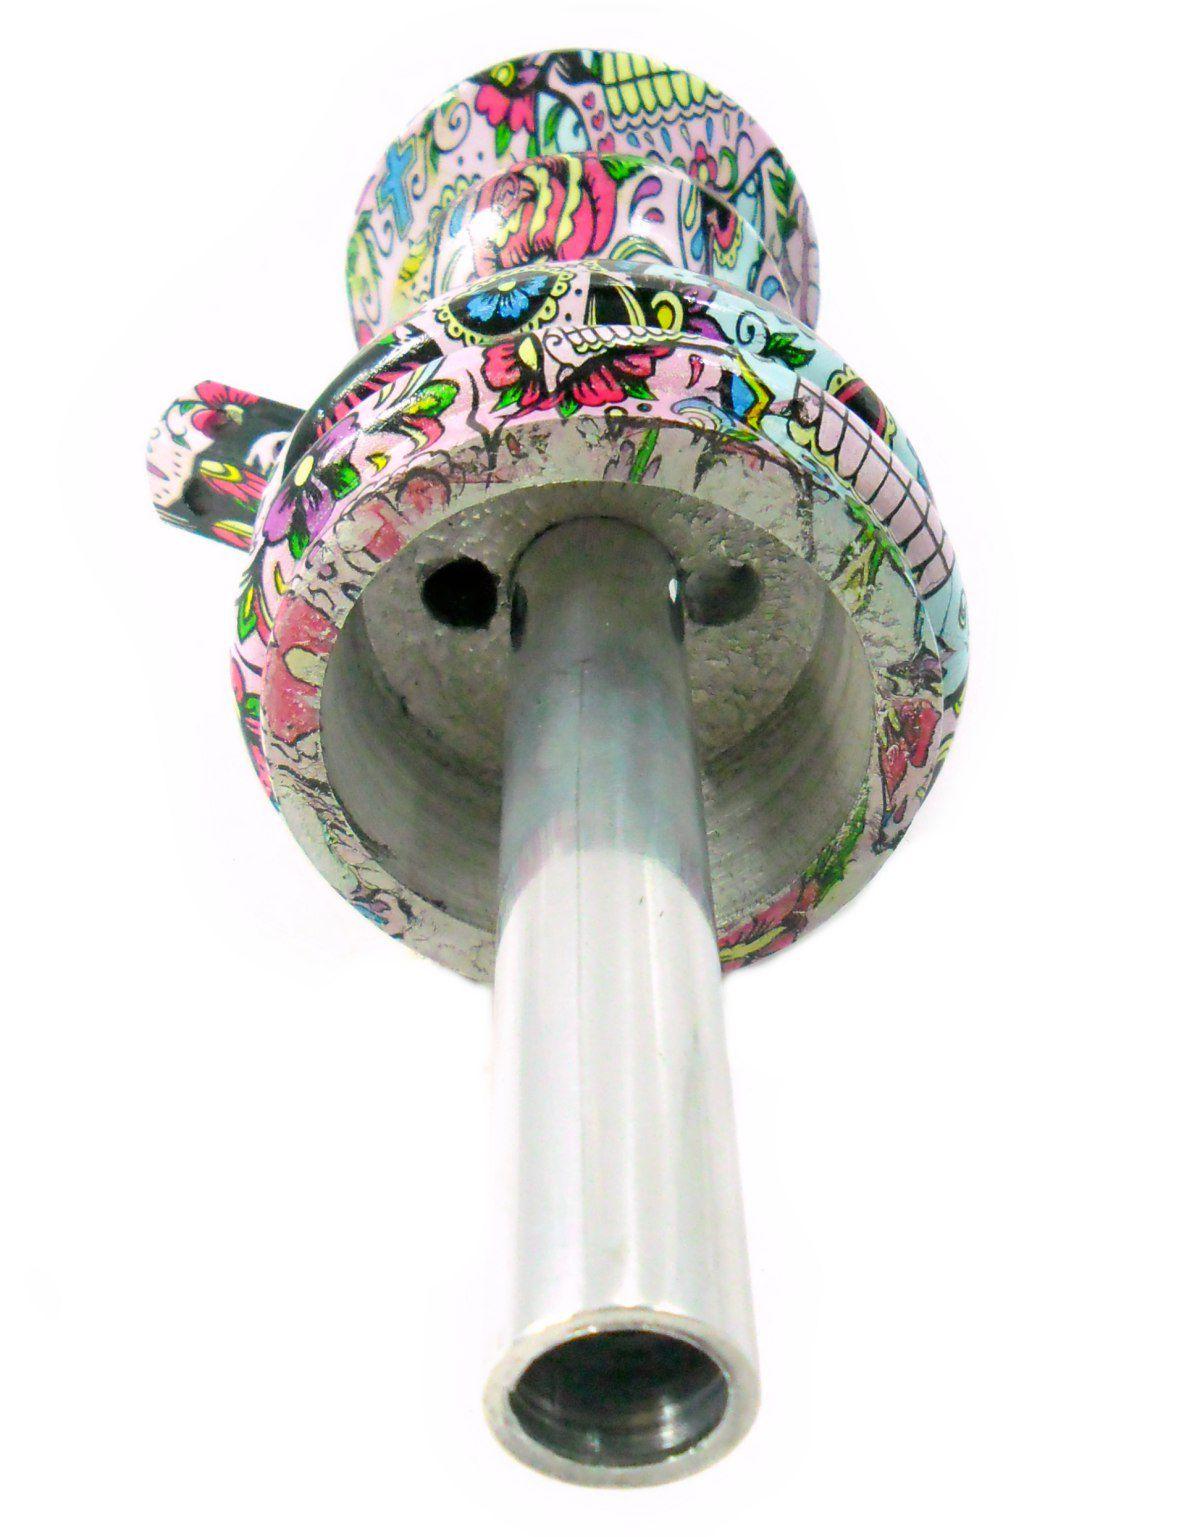 Stem (corpo de narguile) JUDITH CAVEIRA MEXICANA (LA CATRINA) 22cm, alumínio usinado, dutado.